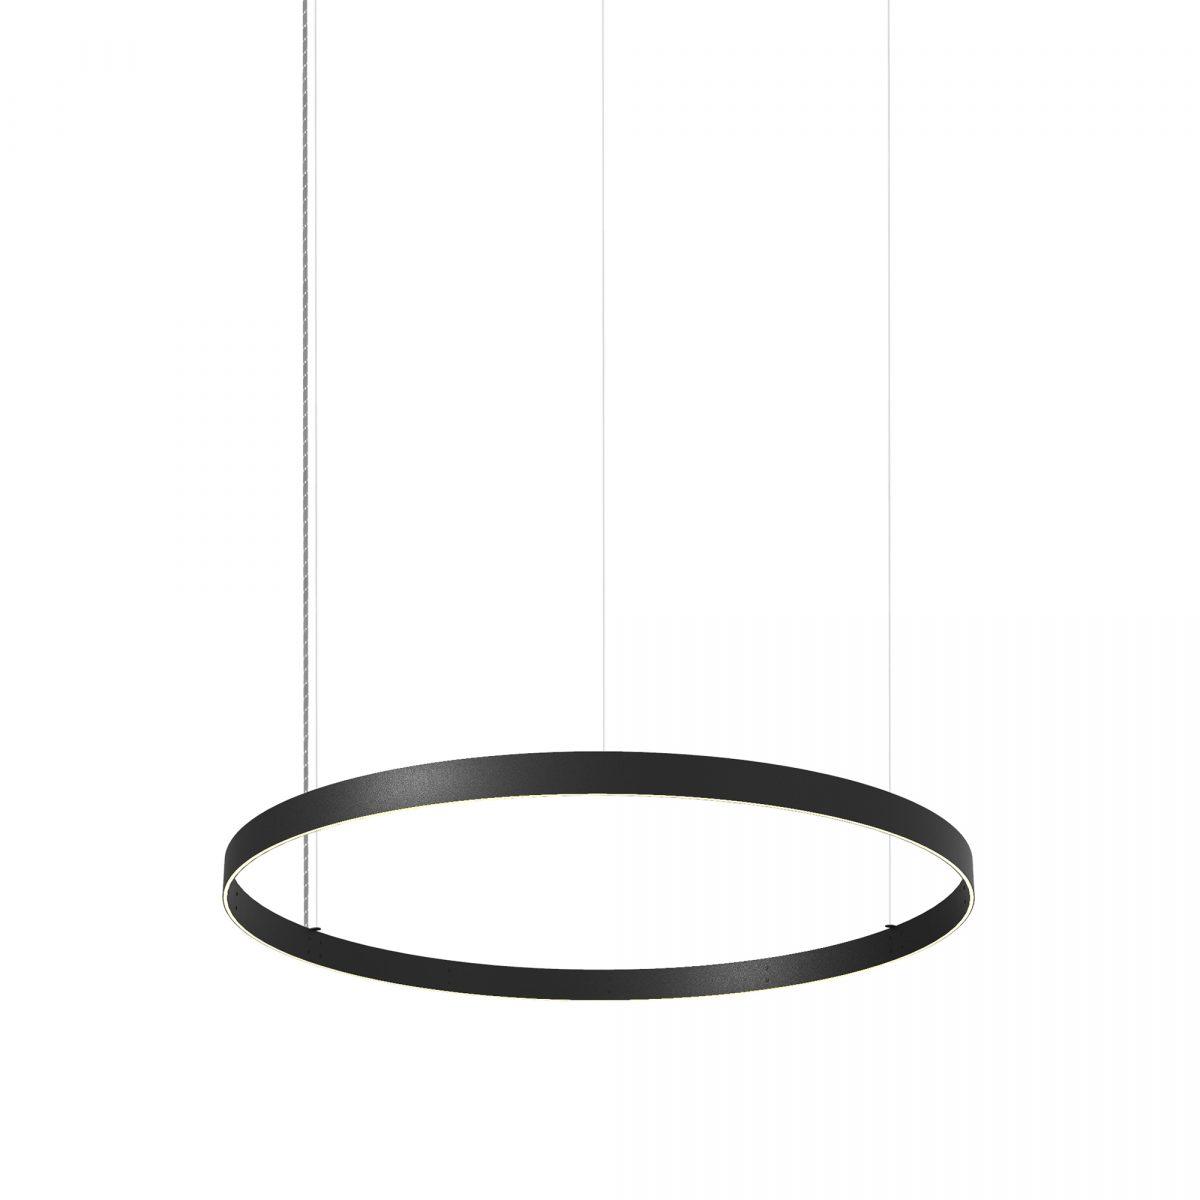 JSPR Eden S Black On 1 Dutch Design Online